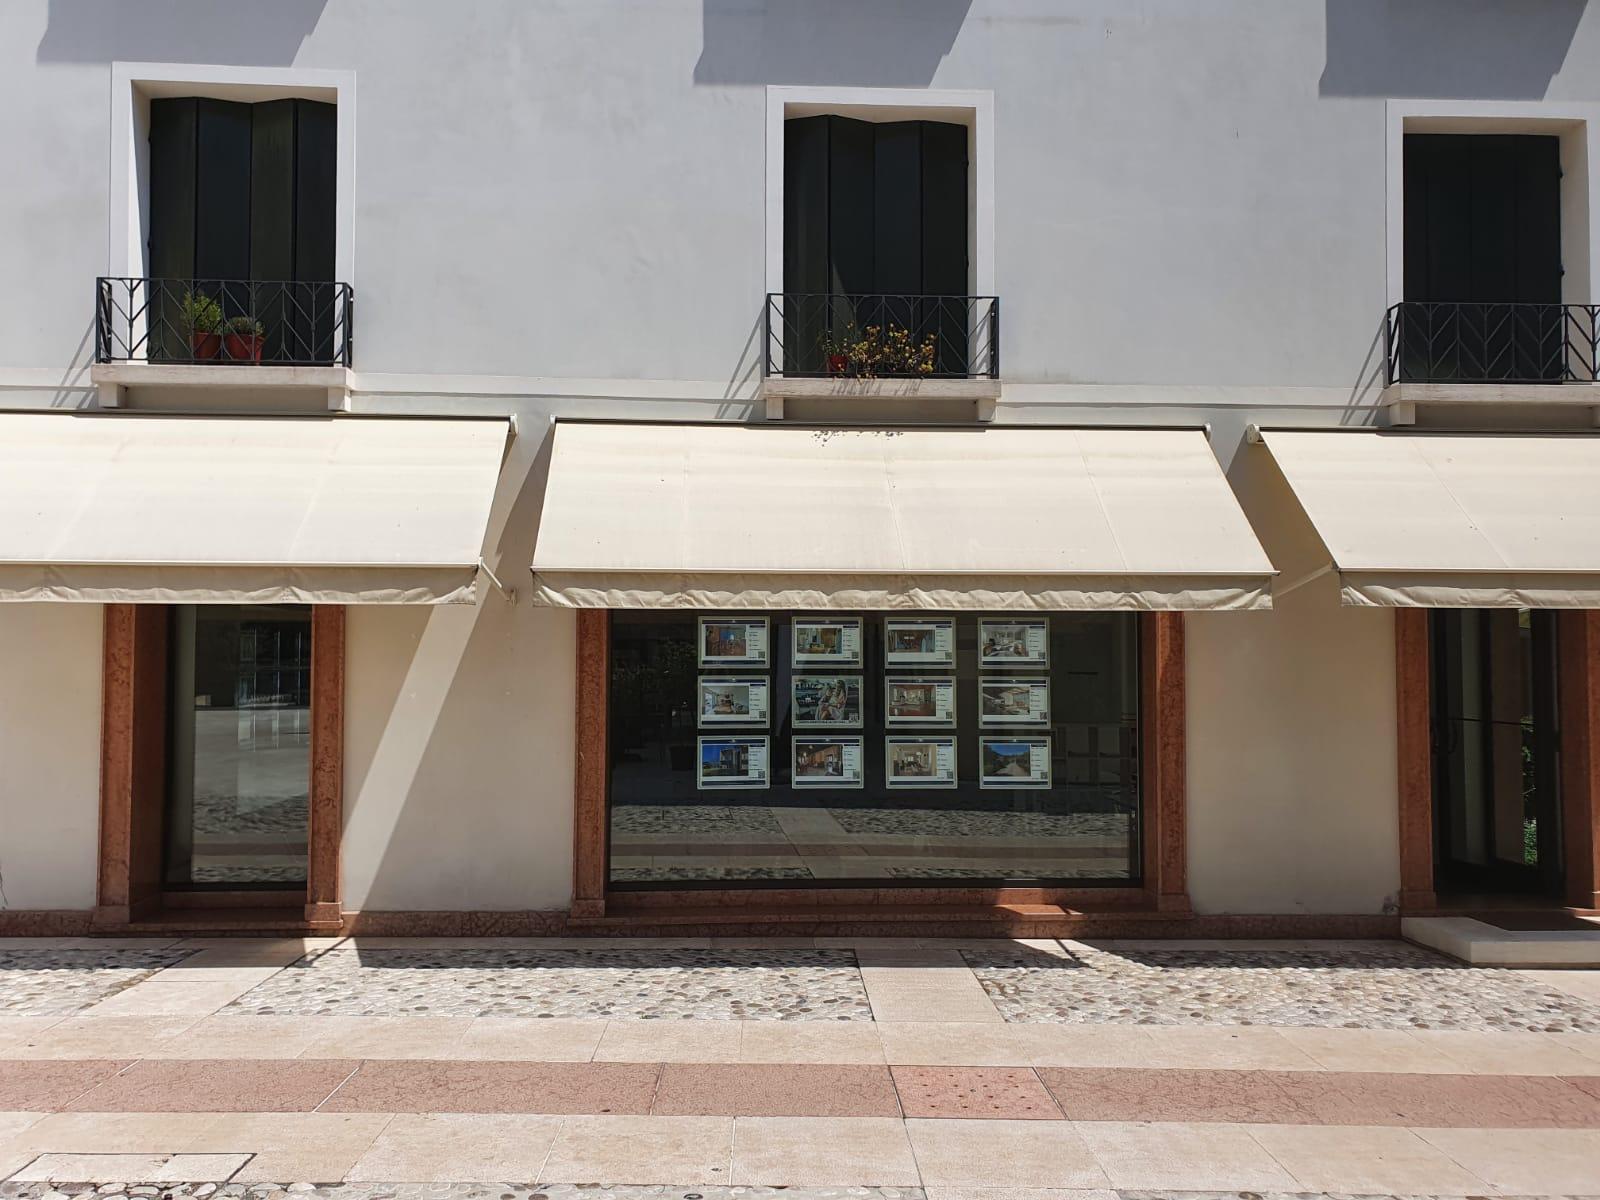 Agenzia immobiliare impREsa Piazza Quartiere Latino vetrina centrale